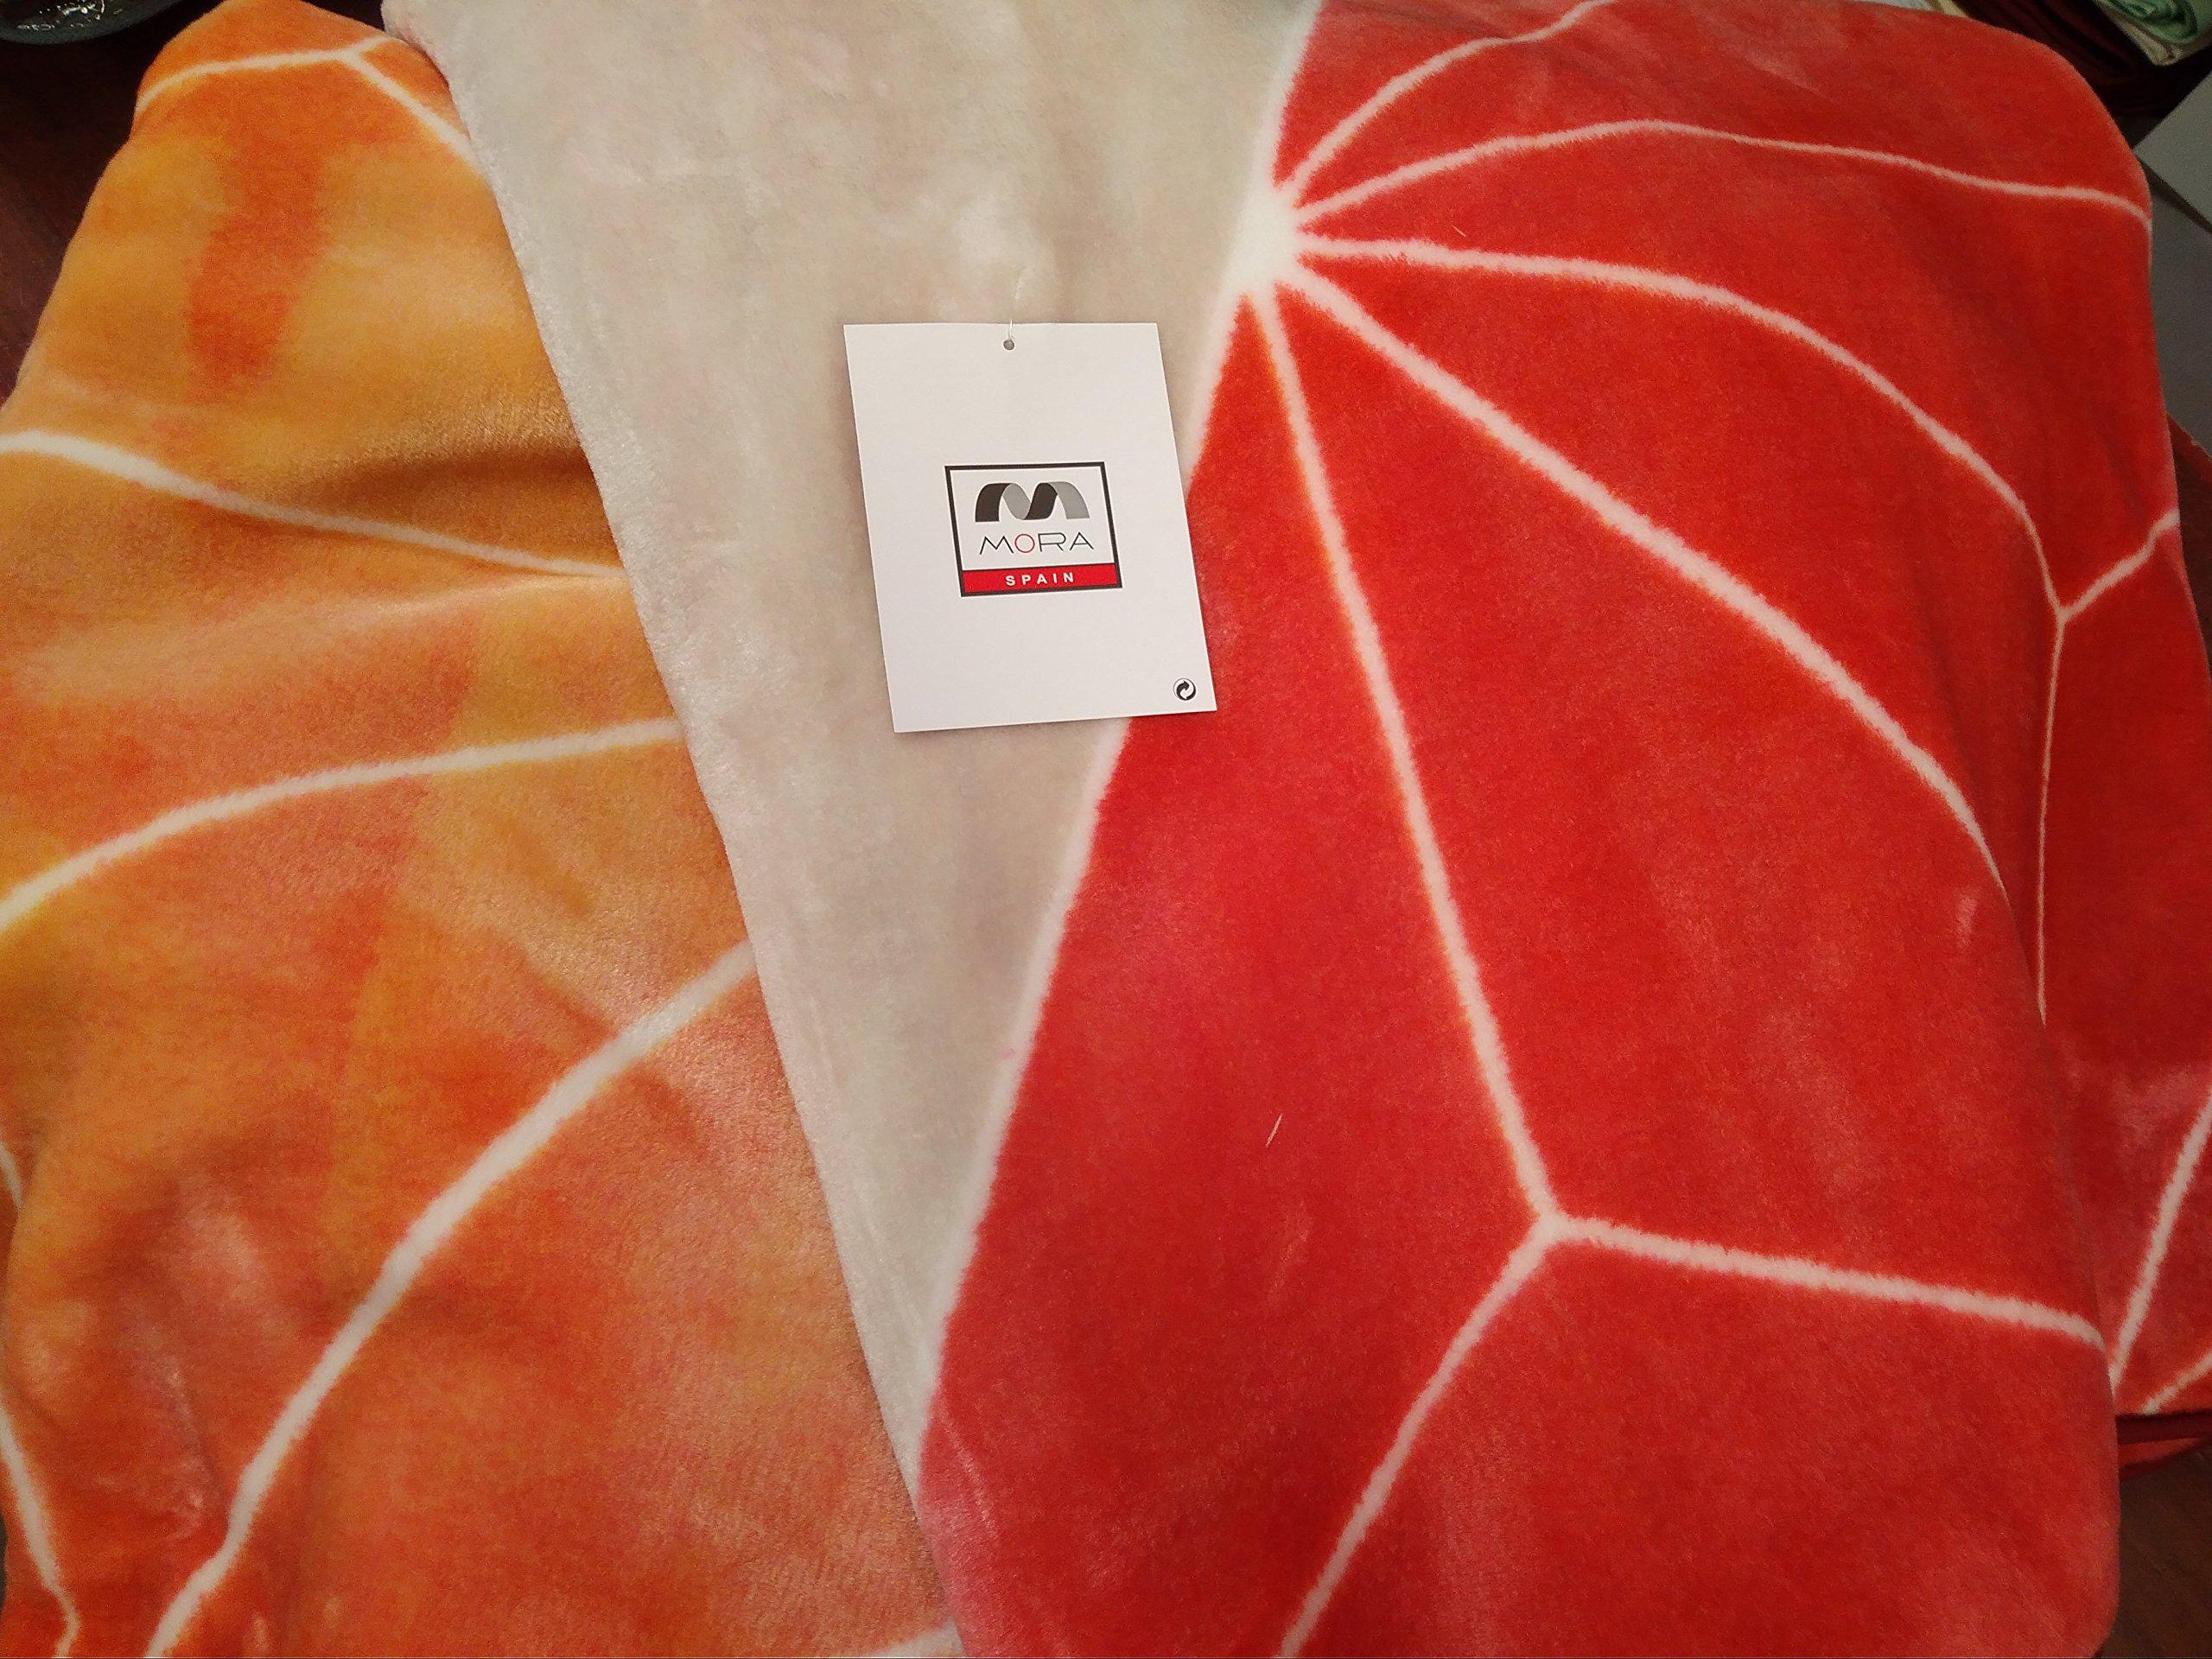 Mora Manta Terciopelo Espectacular Hecha EN ESPAÑA Calida Y Suave COLORESS Vivos Naranja-Burdeos B-44 (170 X 240 CM): Amazon.es: Hogar